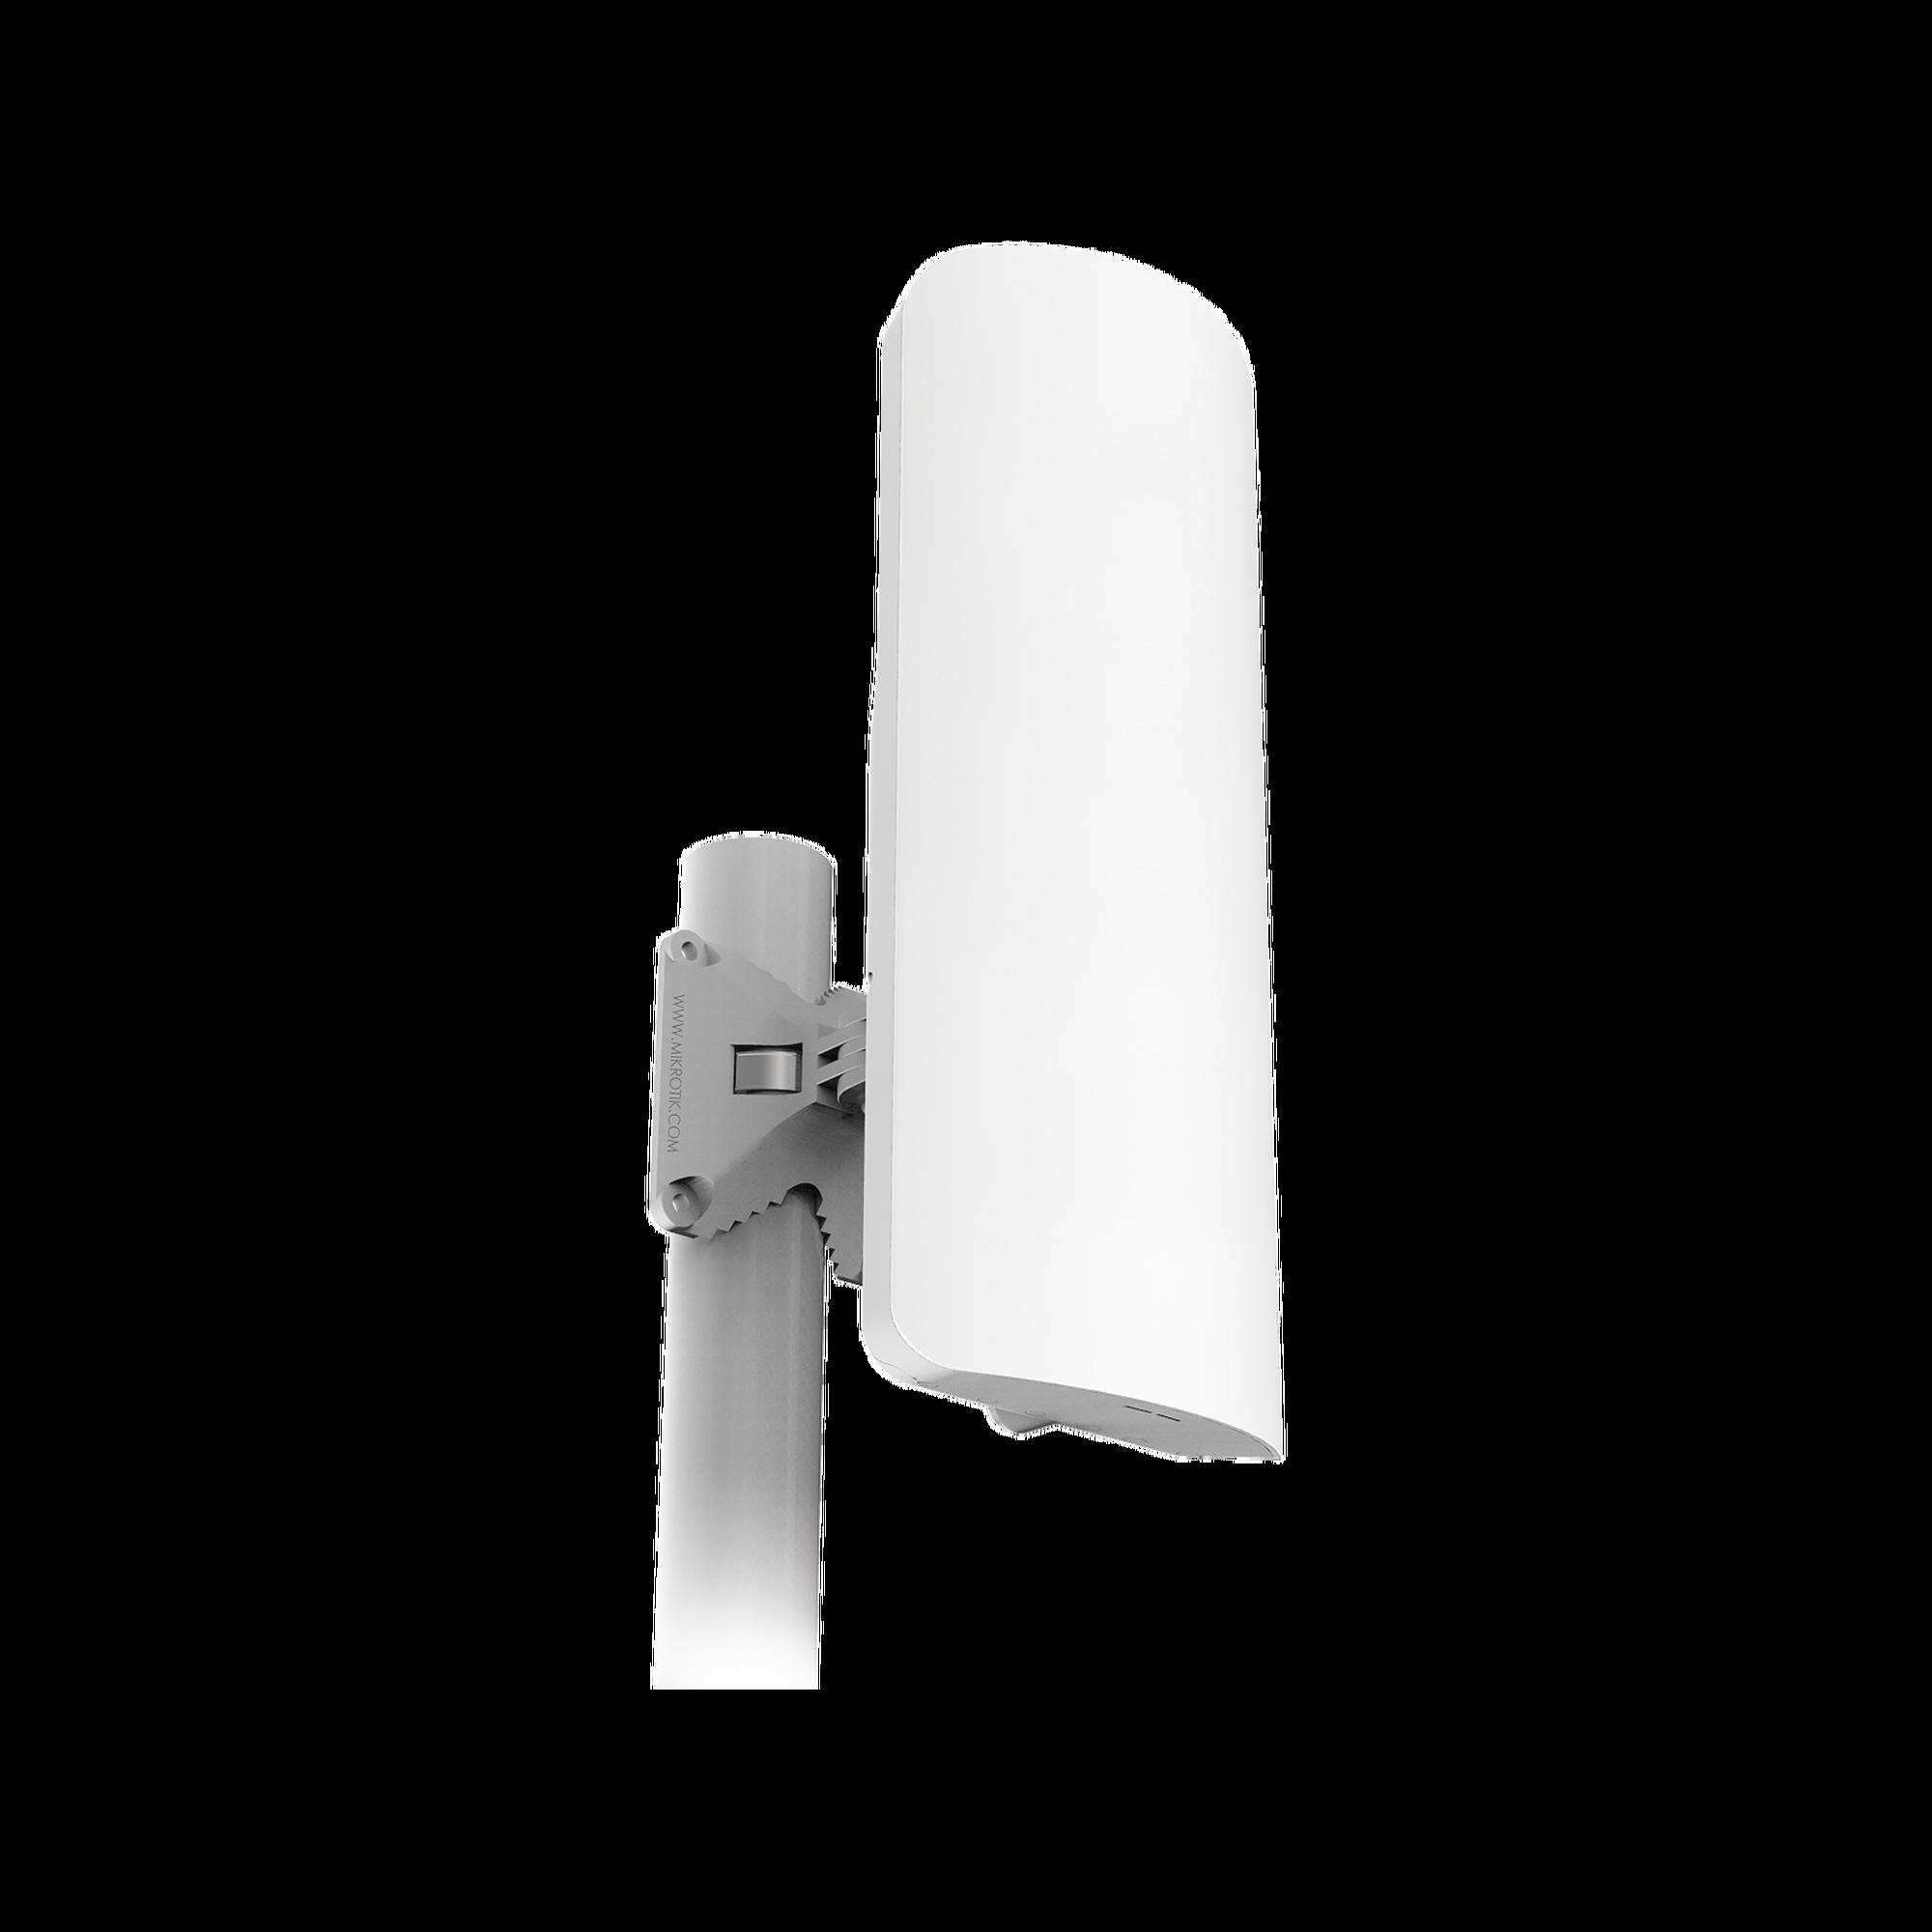 (mANTBox 2 12s) Punto de Acceso PTP y PTMP en 2.4 GHz con Antena Sectorial Integrada de 12 dBi y 120? de Apertura, Hasta 1000 mW de Potencia